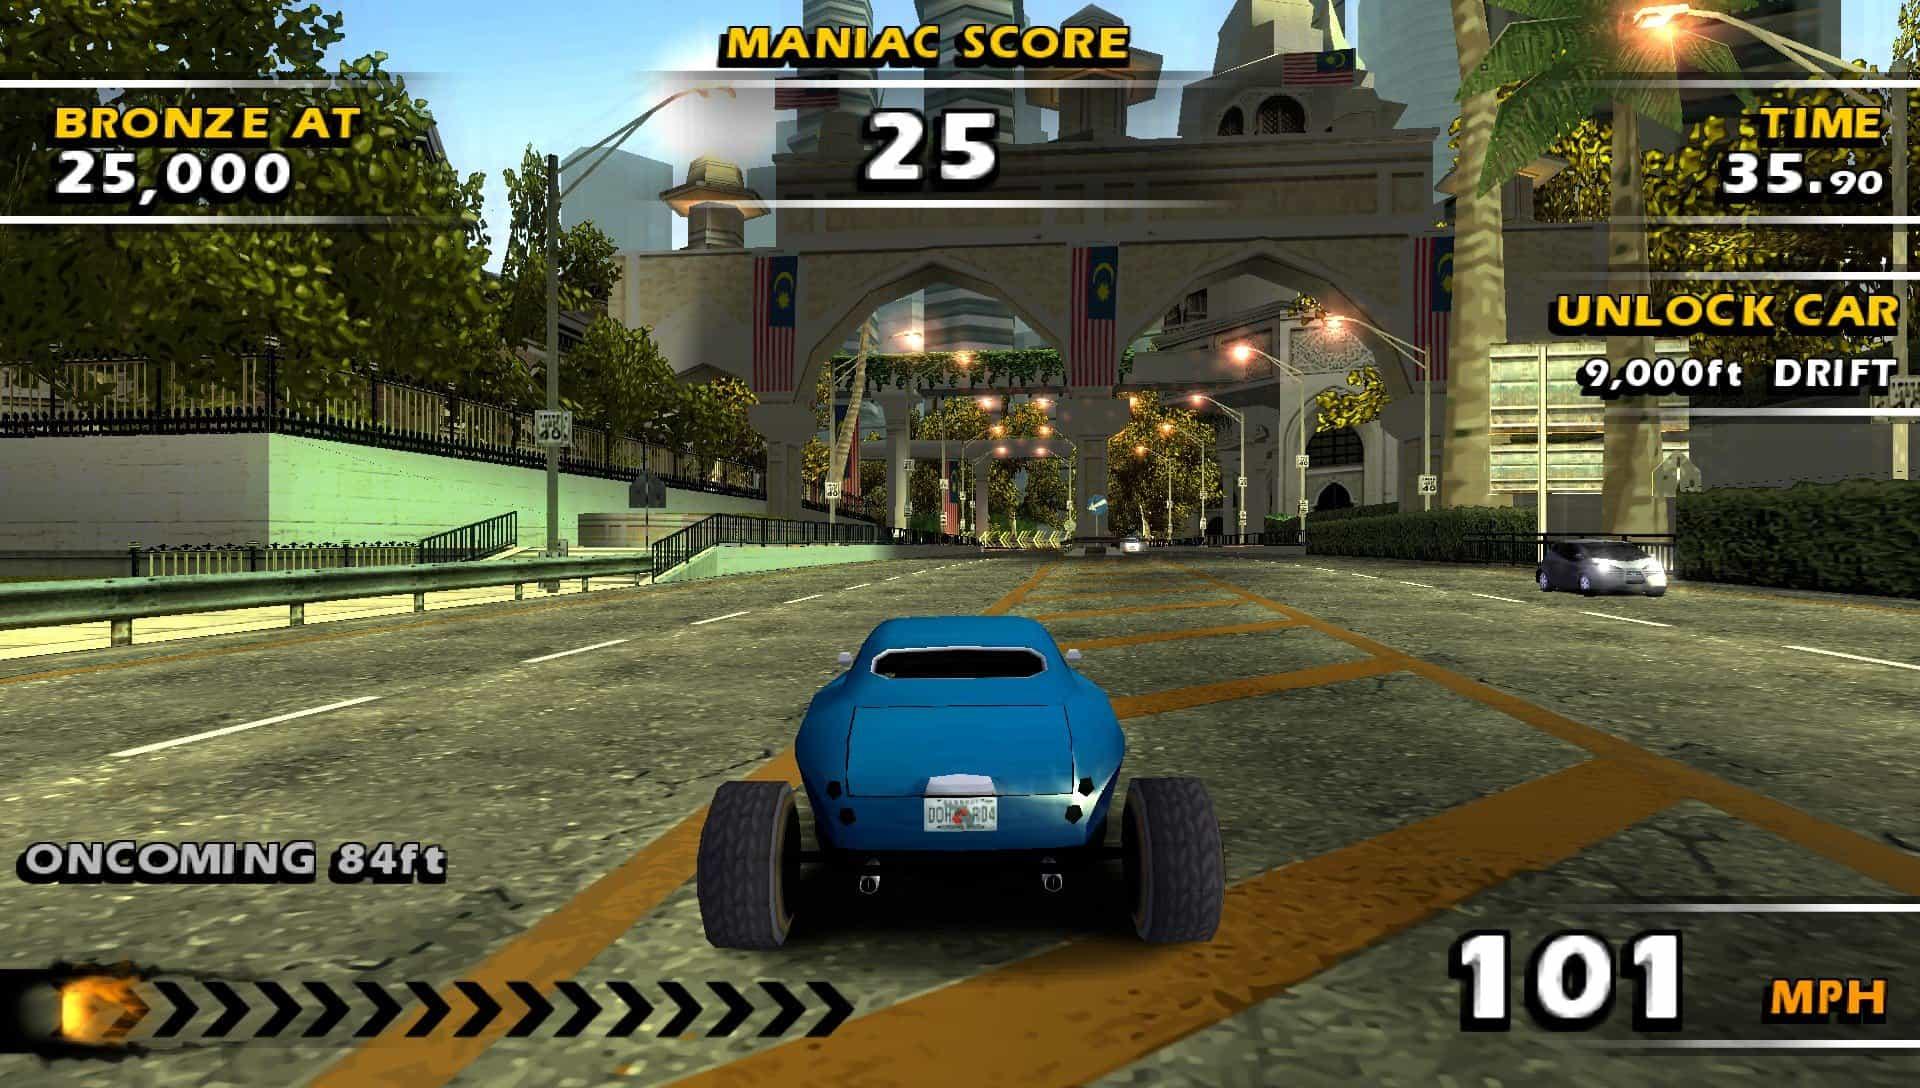 burnoutdominator-1 Lista de jogos compatíveis com PPSSPP (Emulador do PSP para Android)